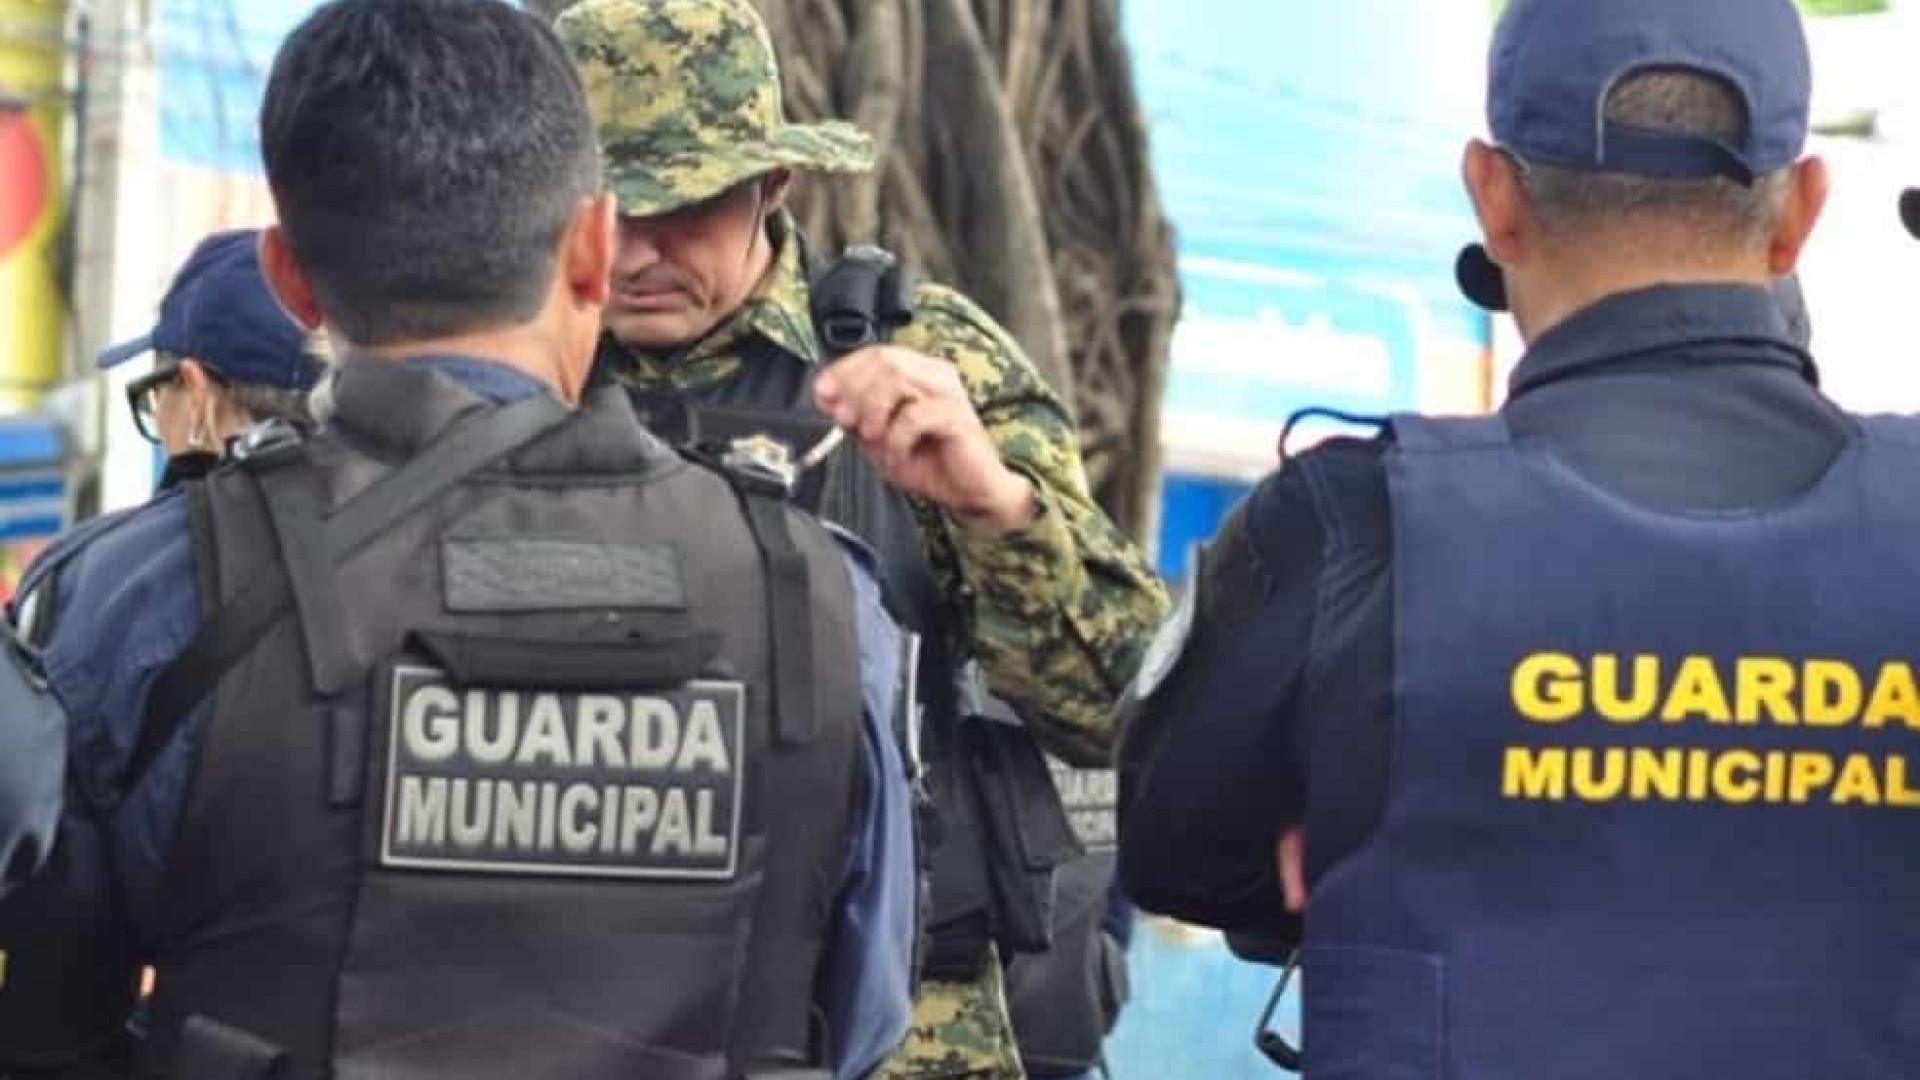 Guarda municipal é preso acusado de matar adolescente em Campinas (SP)